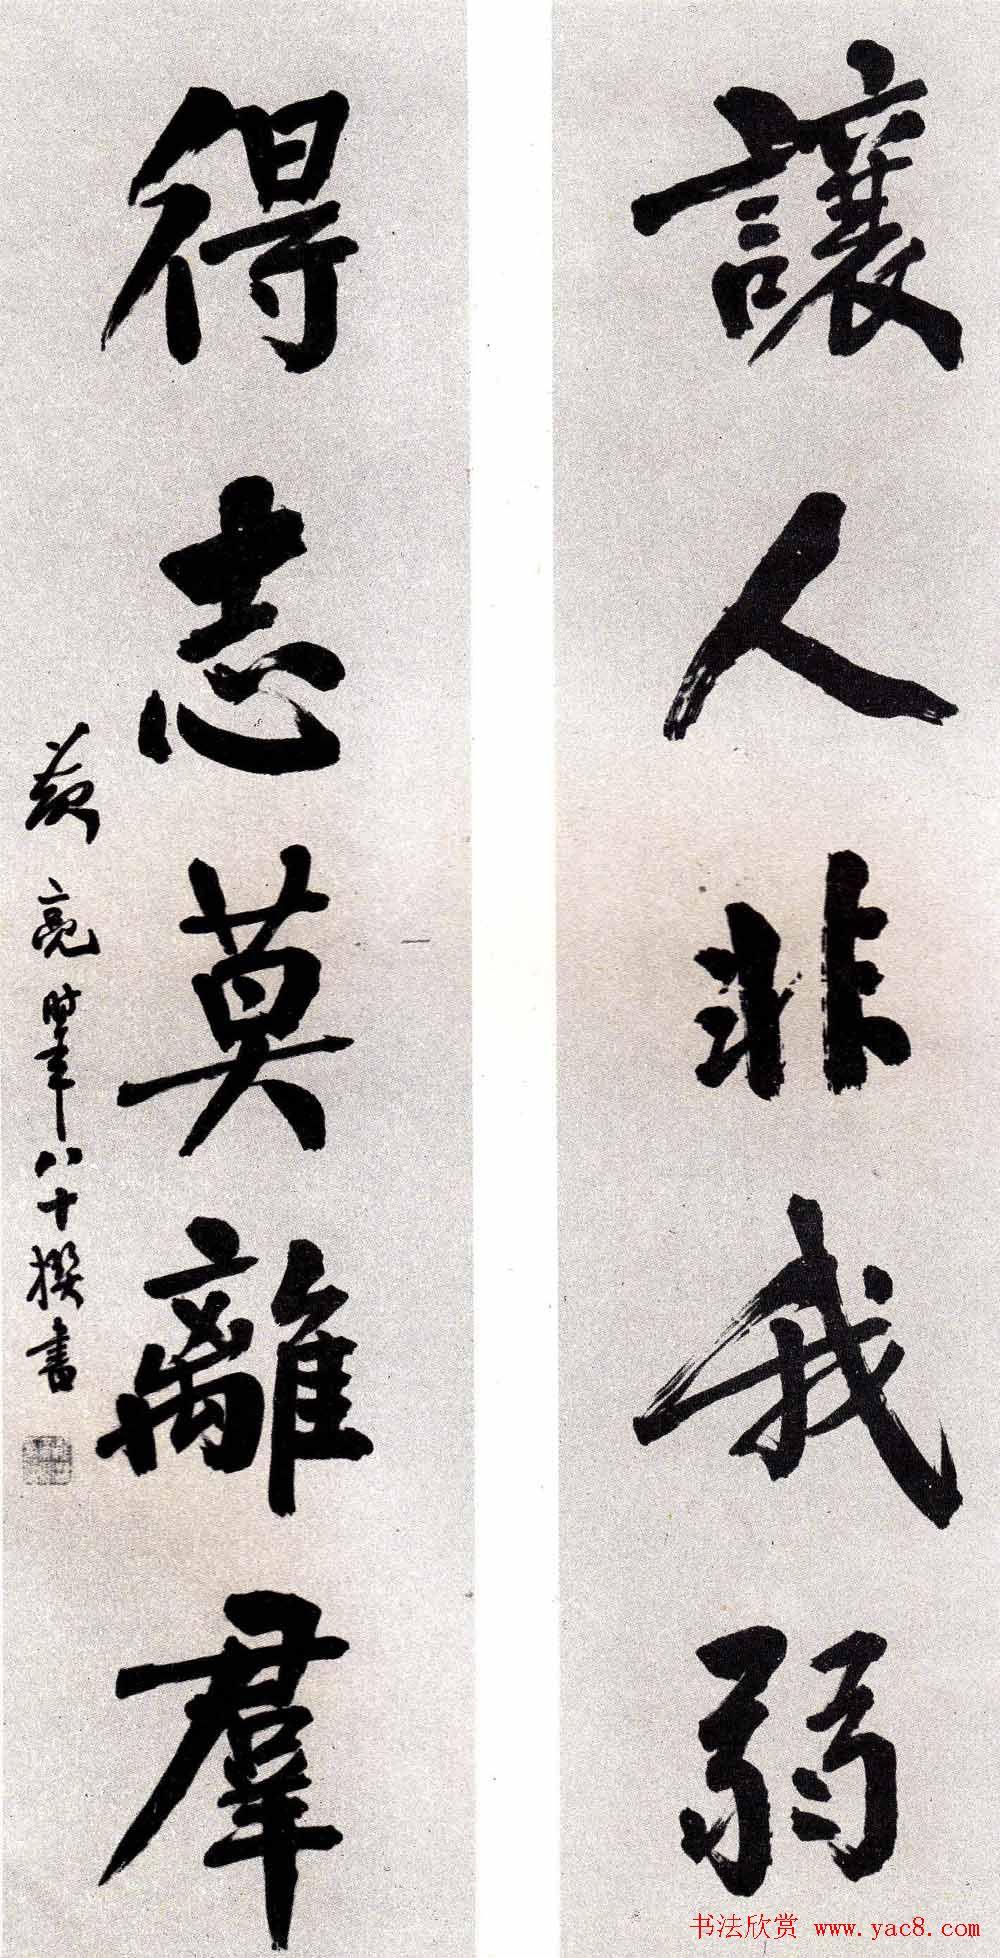 湖北名家黄亮书法作品欣赏